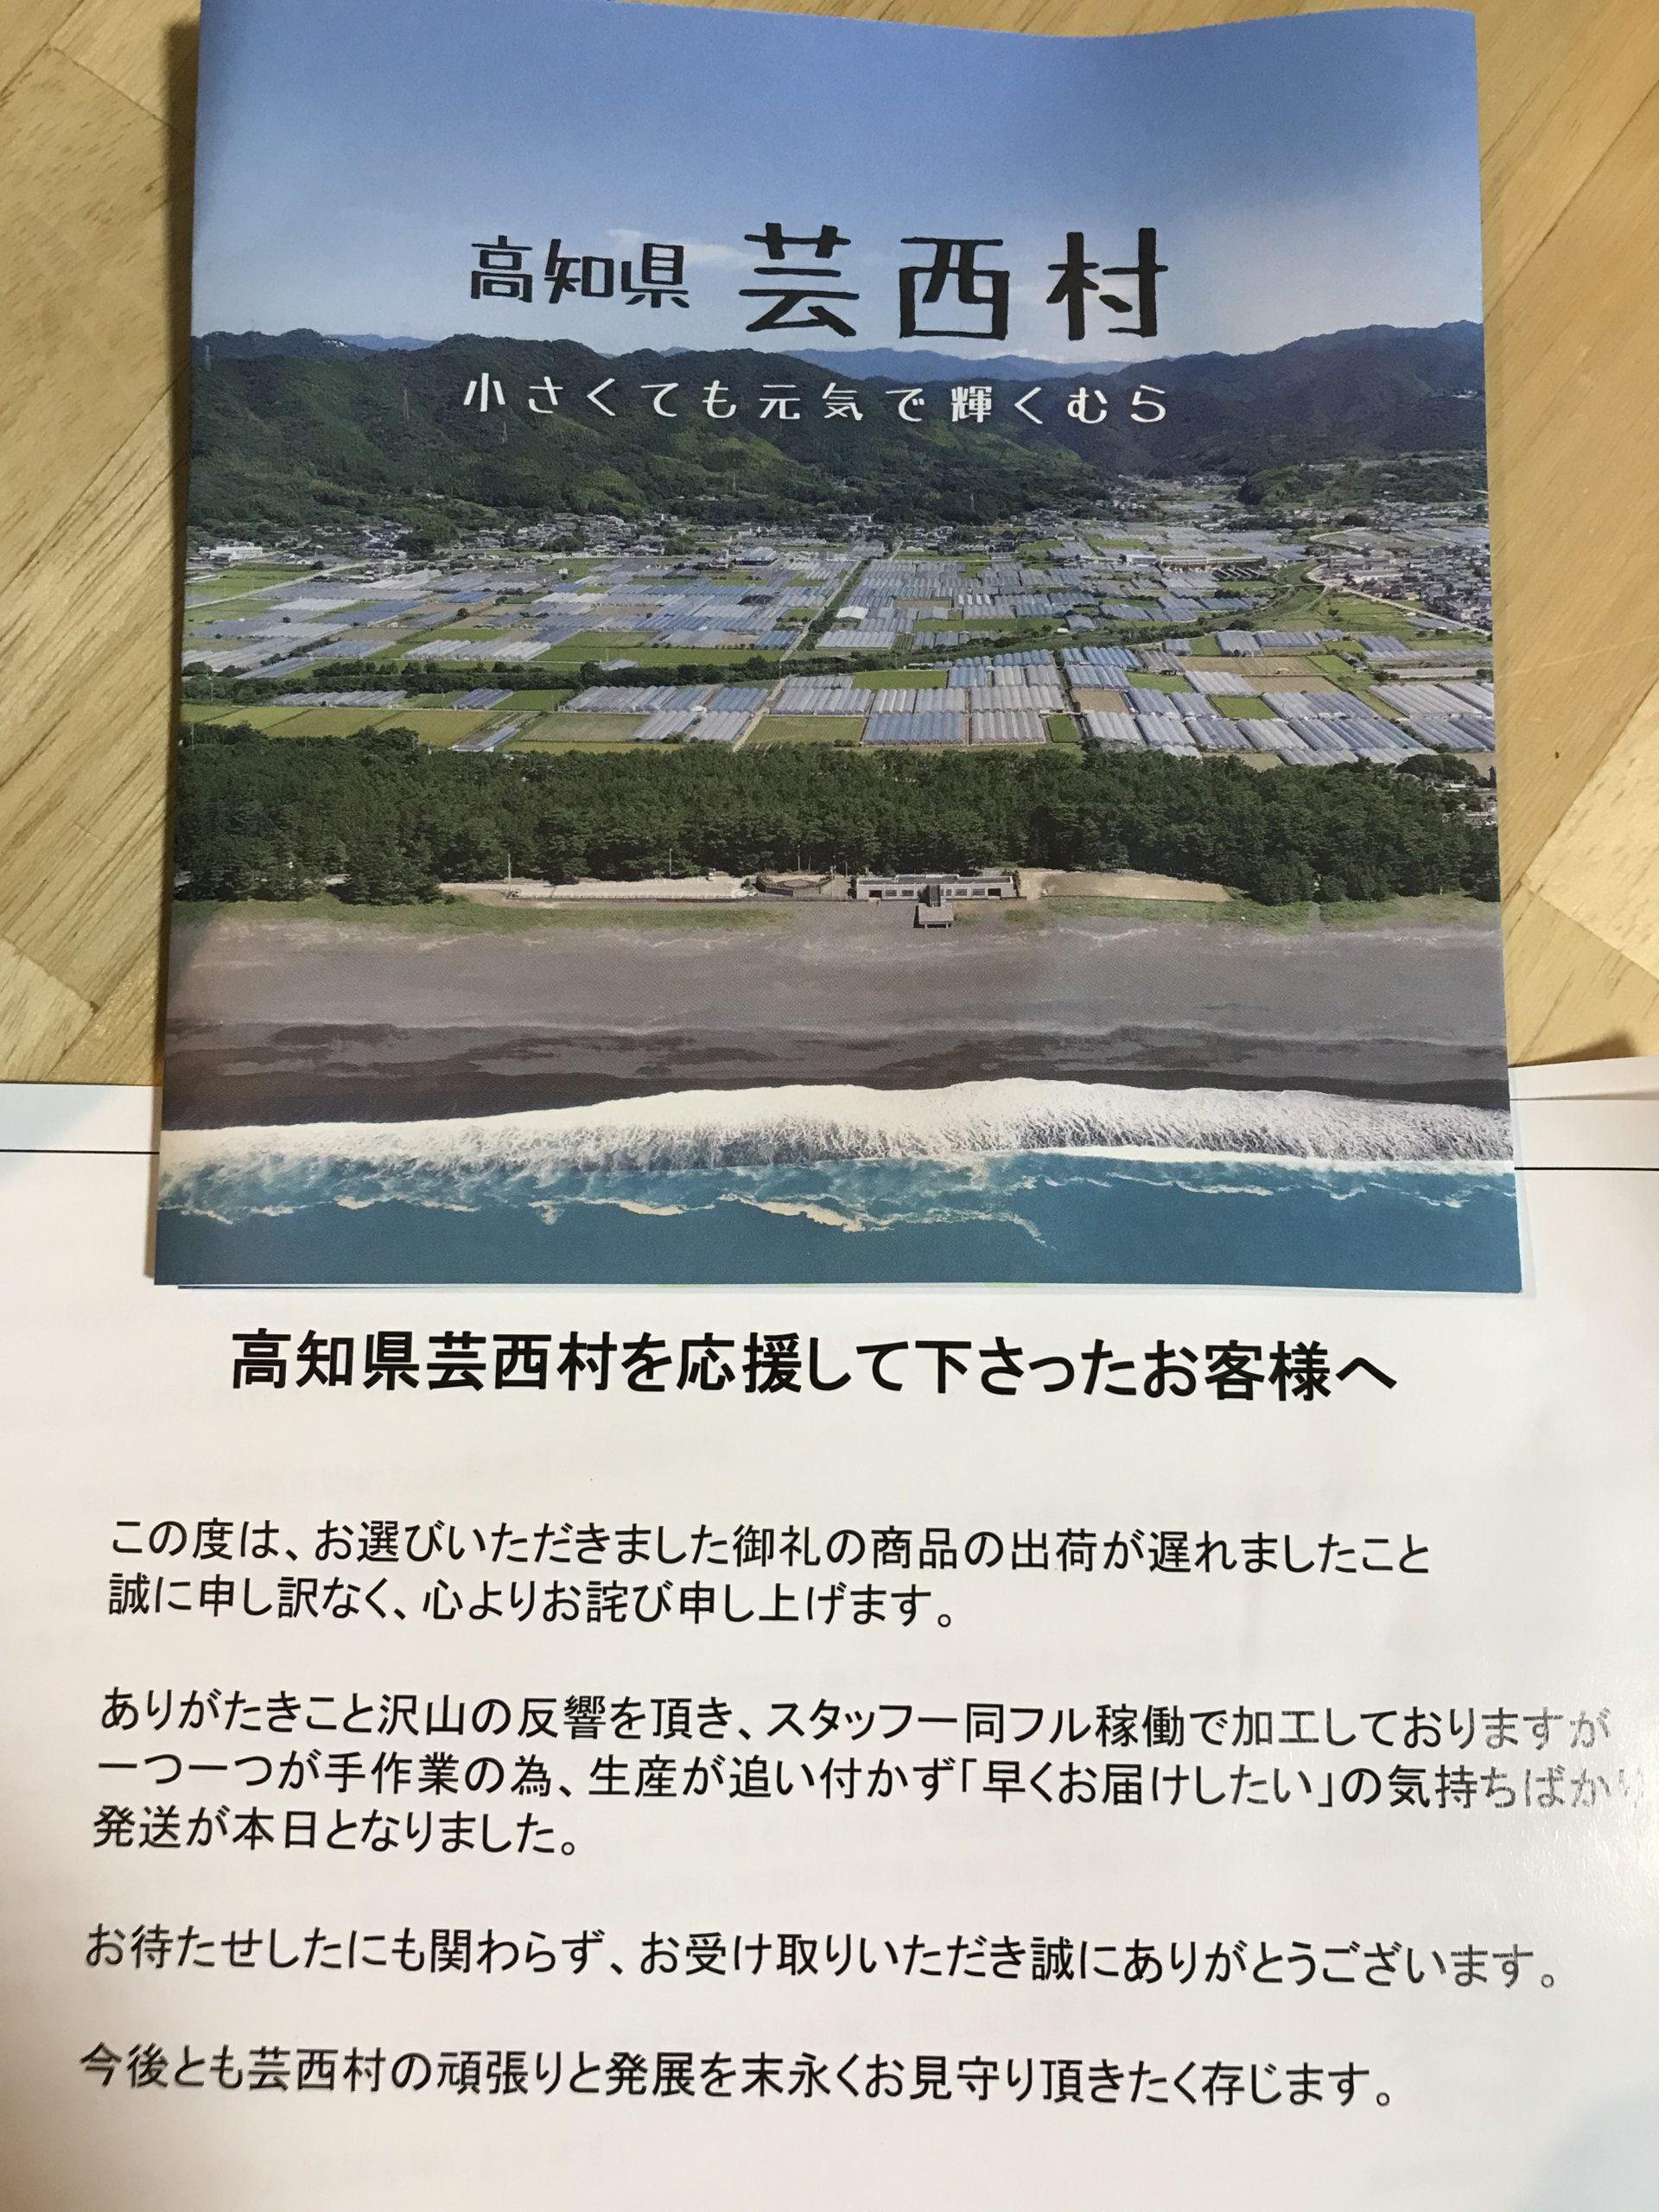 「楽天ふるさと納税」高知県芸西村へのふるさと納税で真鯛の漬け50 g×5パック頂きました